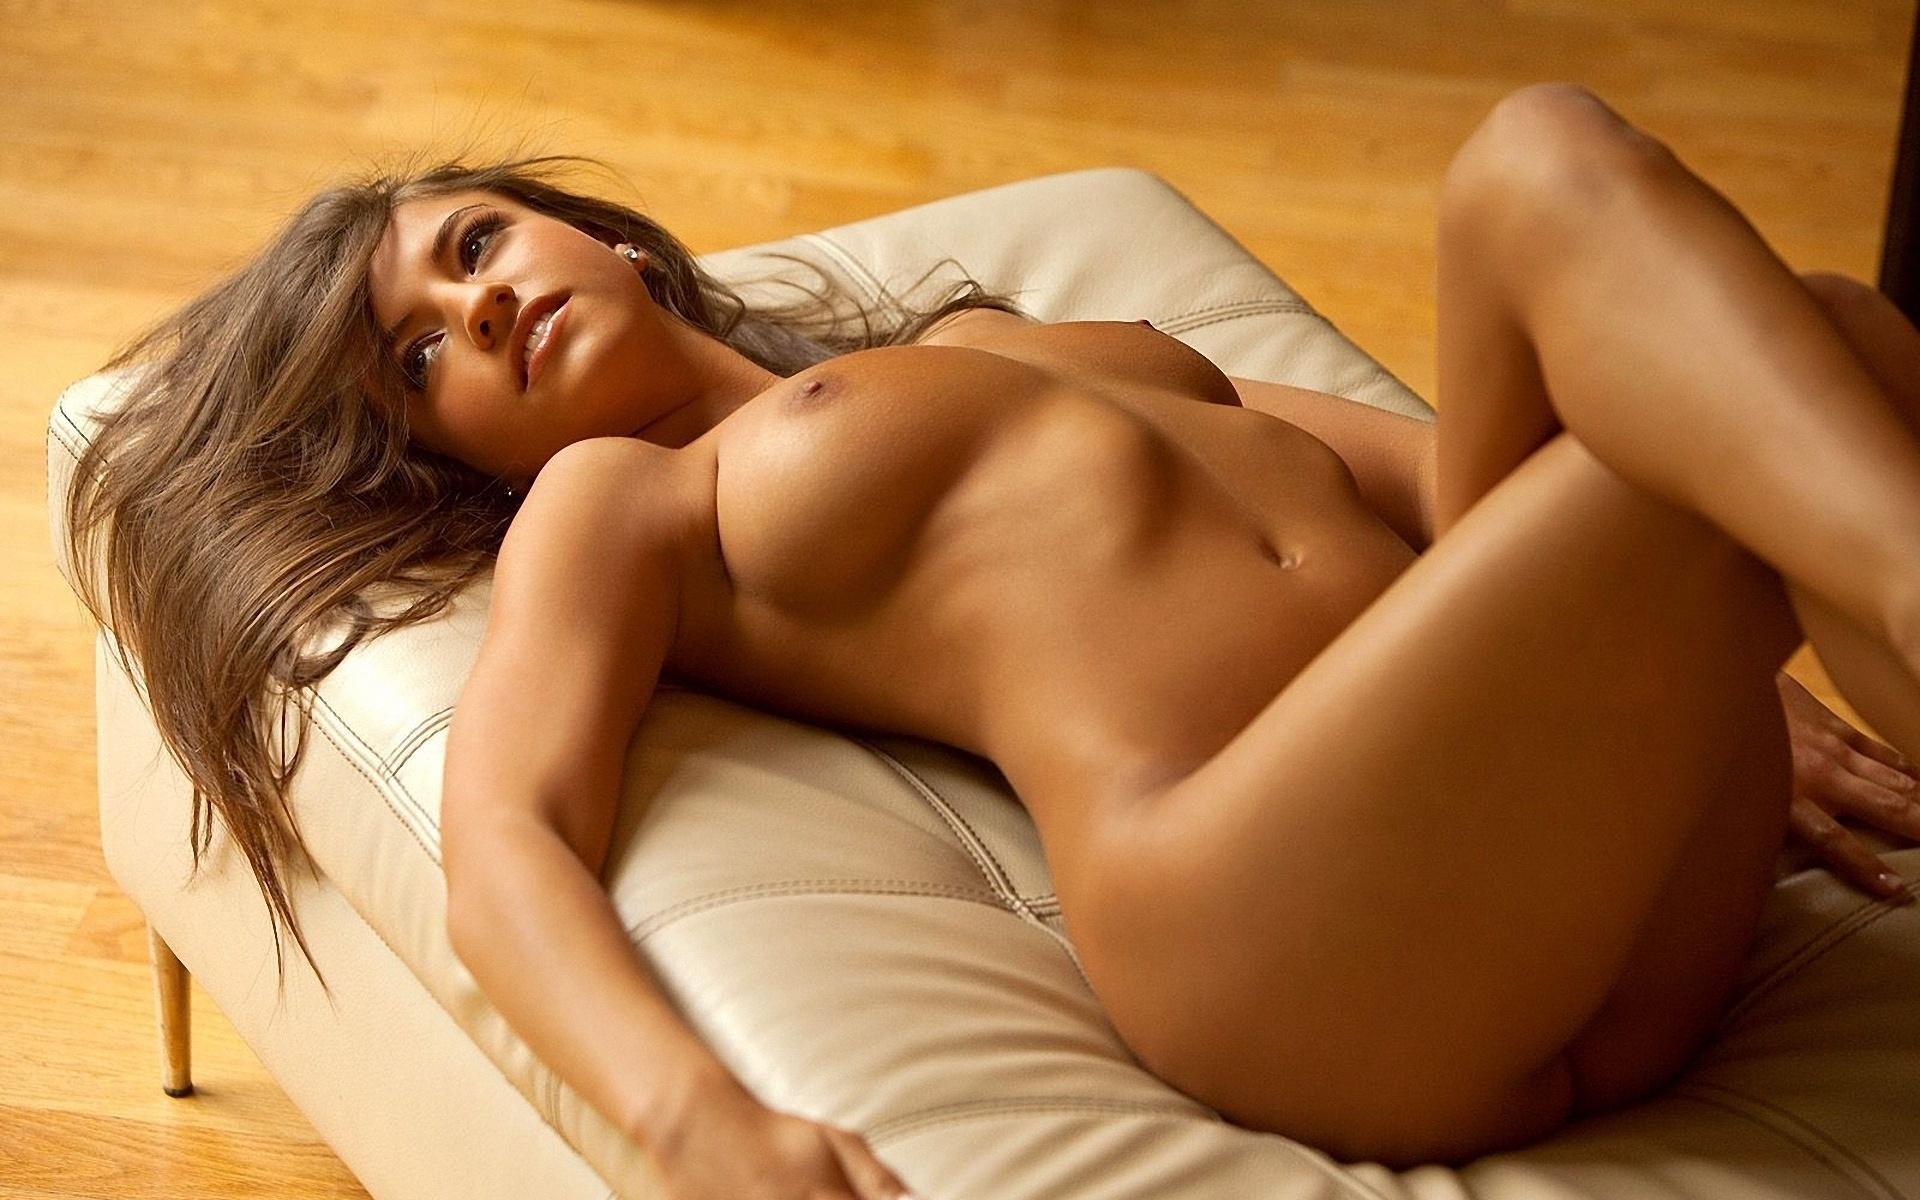 Рисованные голые супер красотки 4 фотография